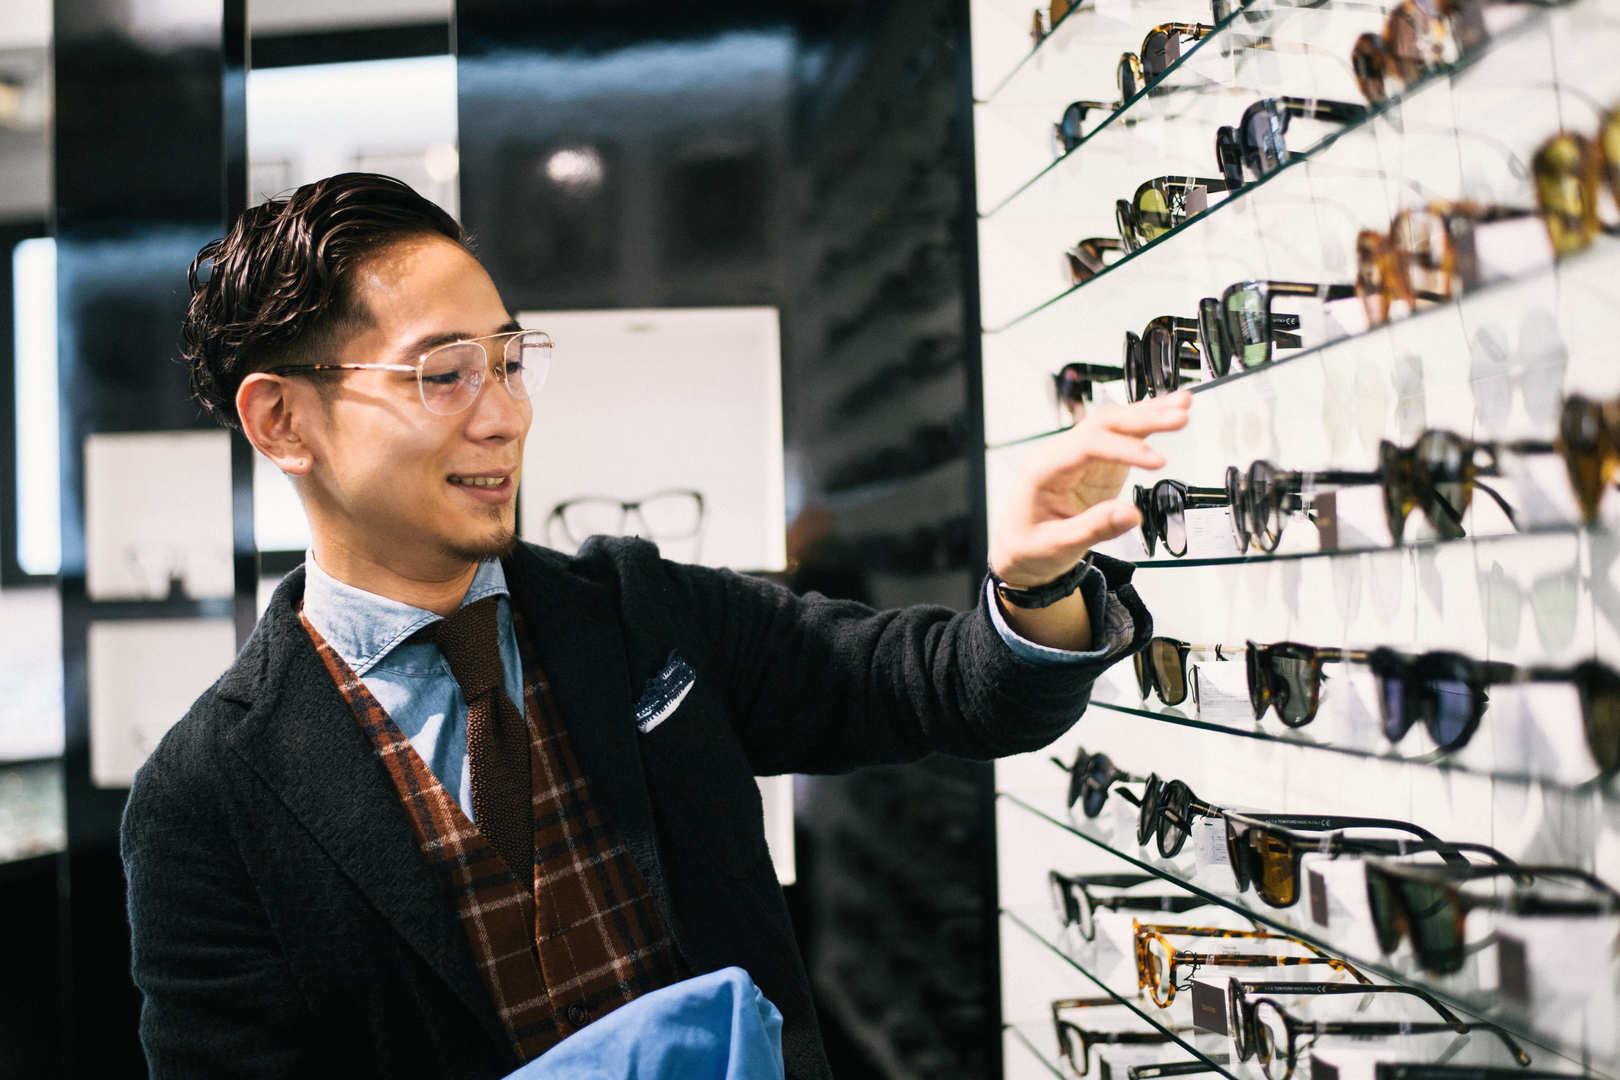 新店OPEN!!業務拡大につきオープニングスタッフ募集‼大阪EYESTYLEのカバー写真